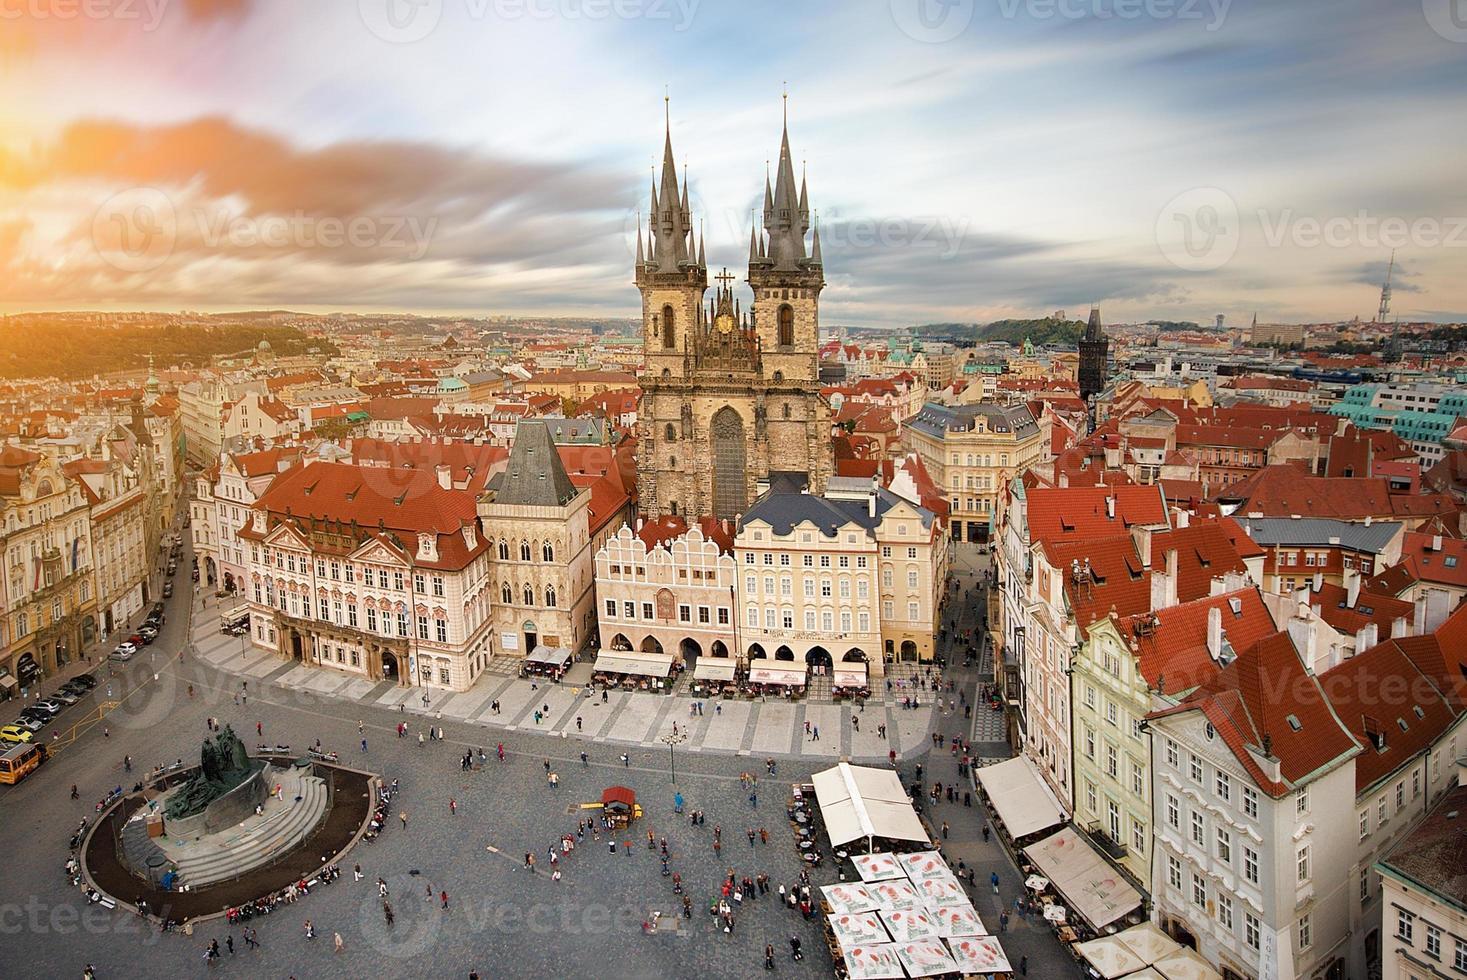 uitzicht op de oude markt stad Praag, Tsjechië. foto